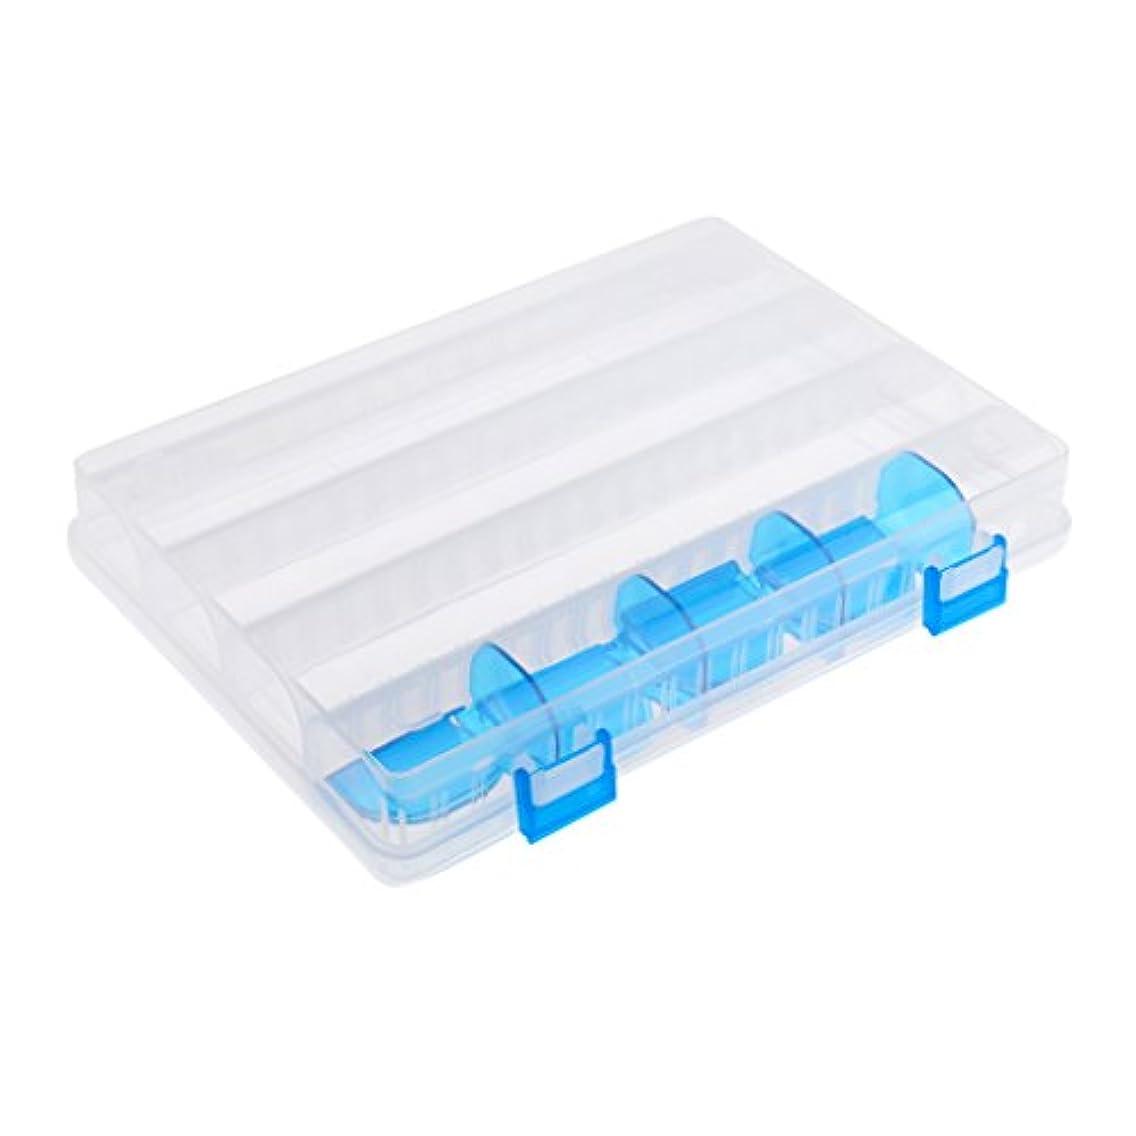 見通ししたい食品Fenteer フック ベイト  収納ケース  プラスチック製  釣りタックルボックス  ボックス  ホワイト  調節可能  保管